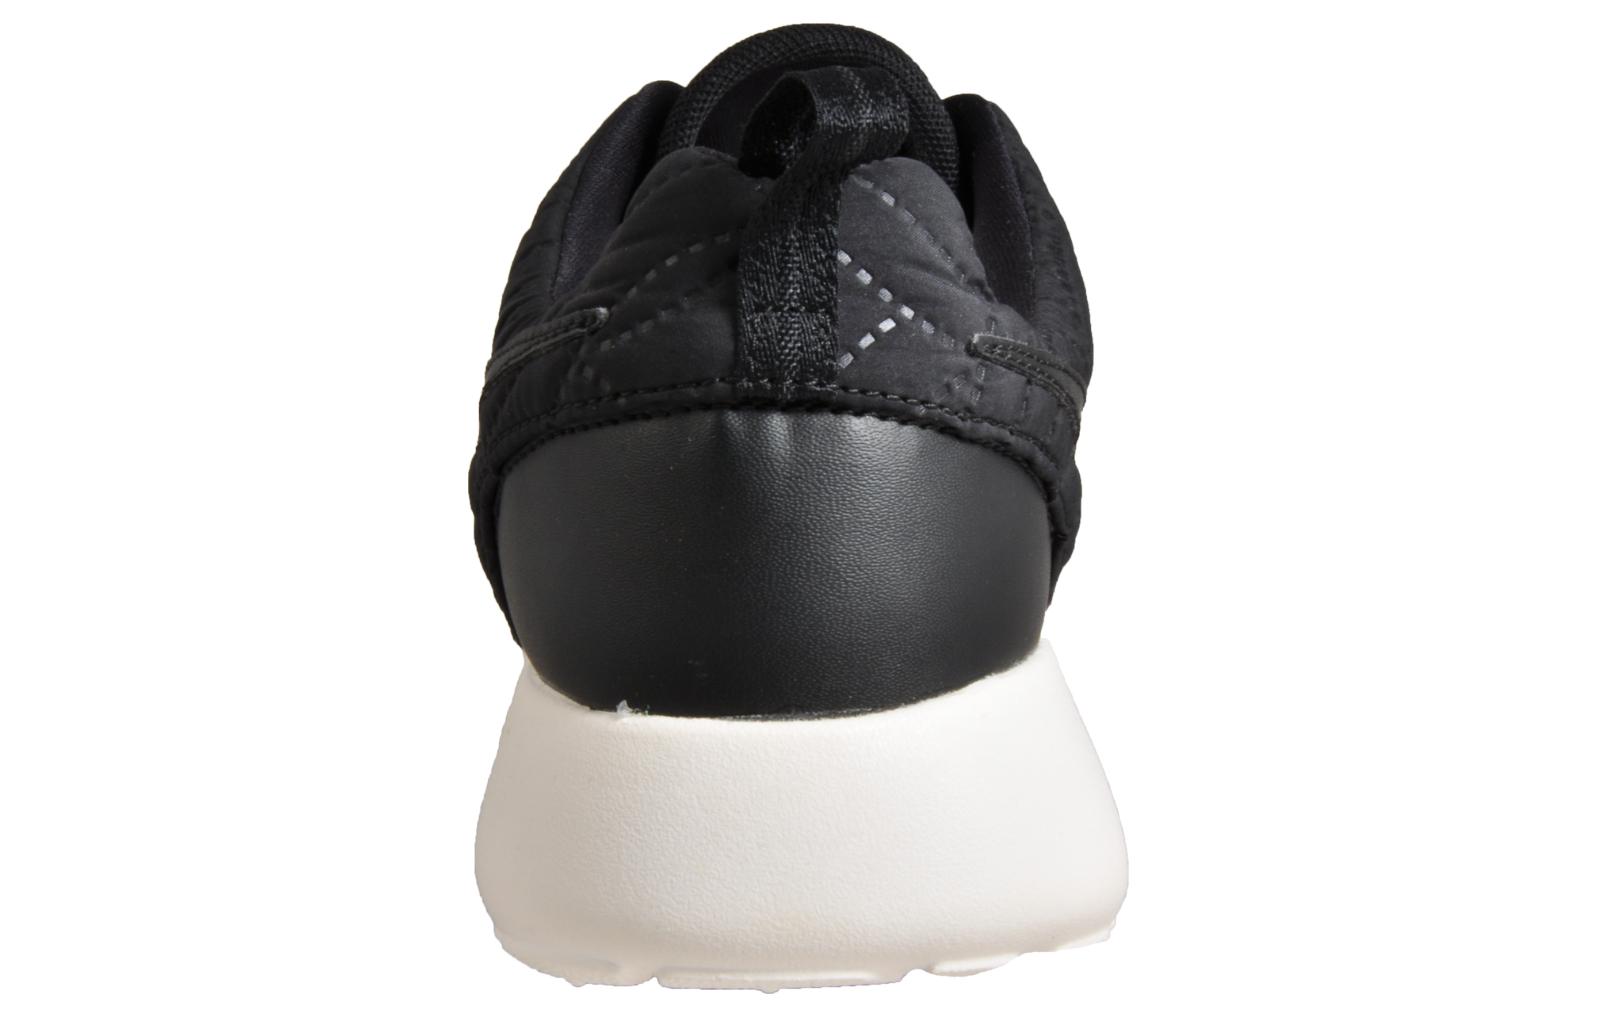 df485d1b3e Nike Roshe One Premium Womens Shoes Casual Gym Fashion Trainers Black